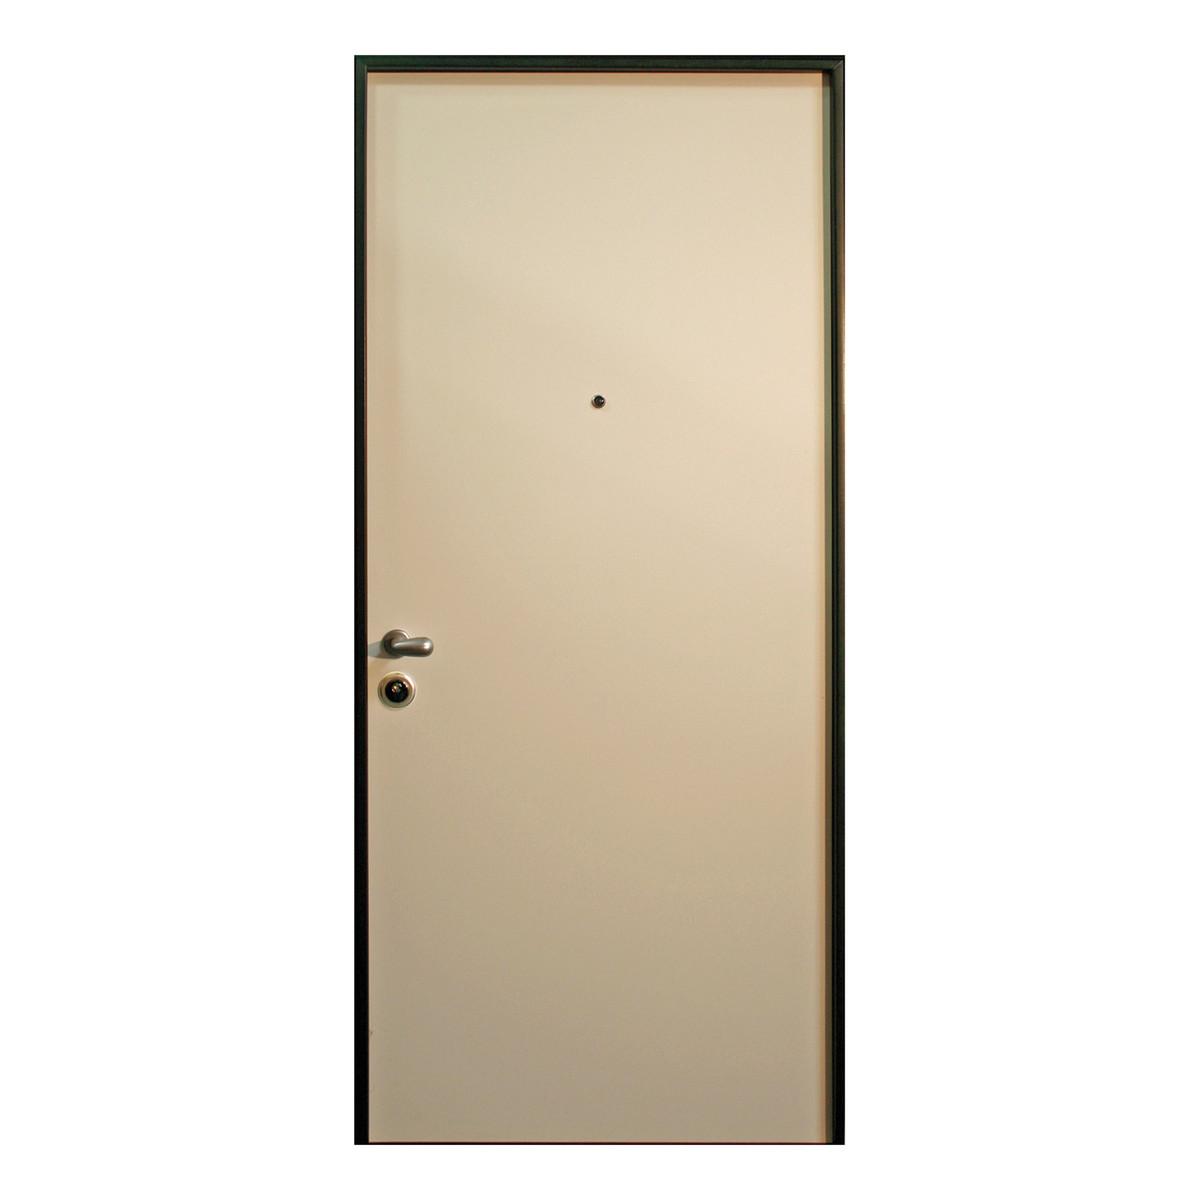 Porta di sicurezza conforti vaulty vltd sb prezzo e - Pannello porta blindata leroy merlin ...